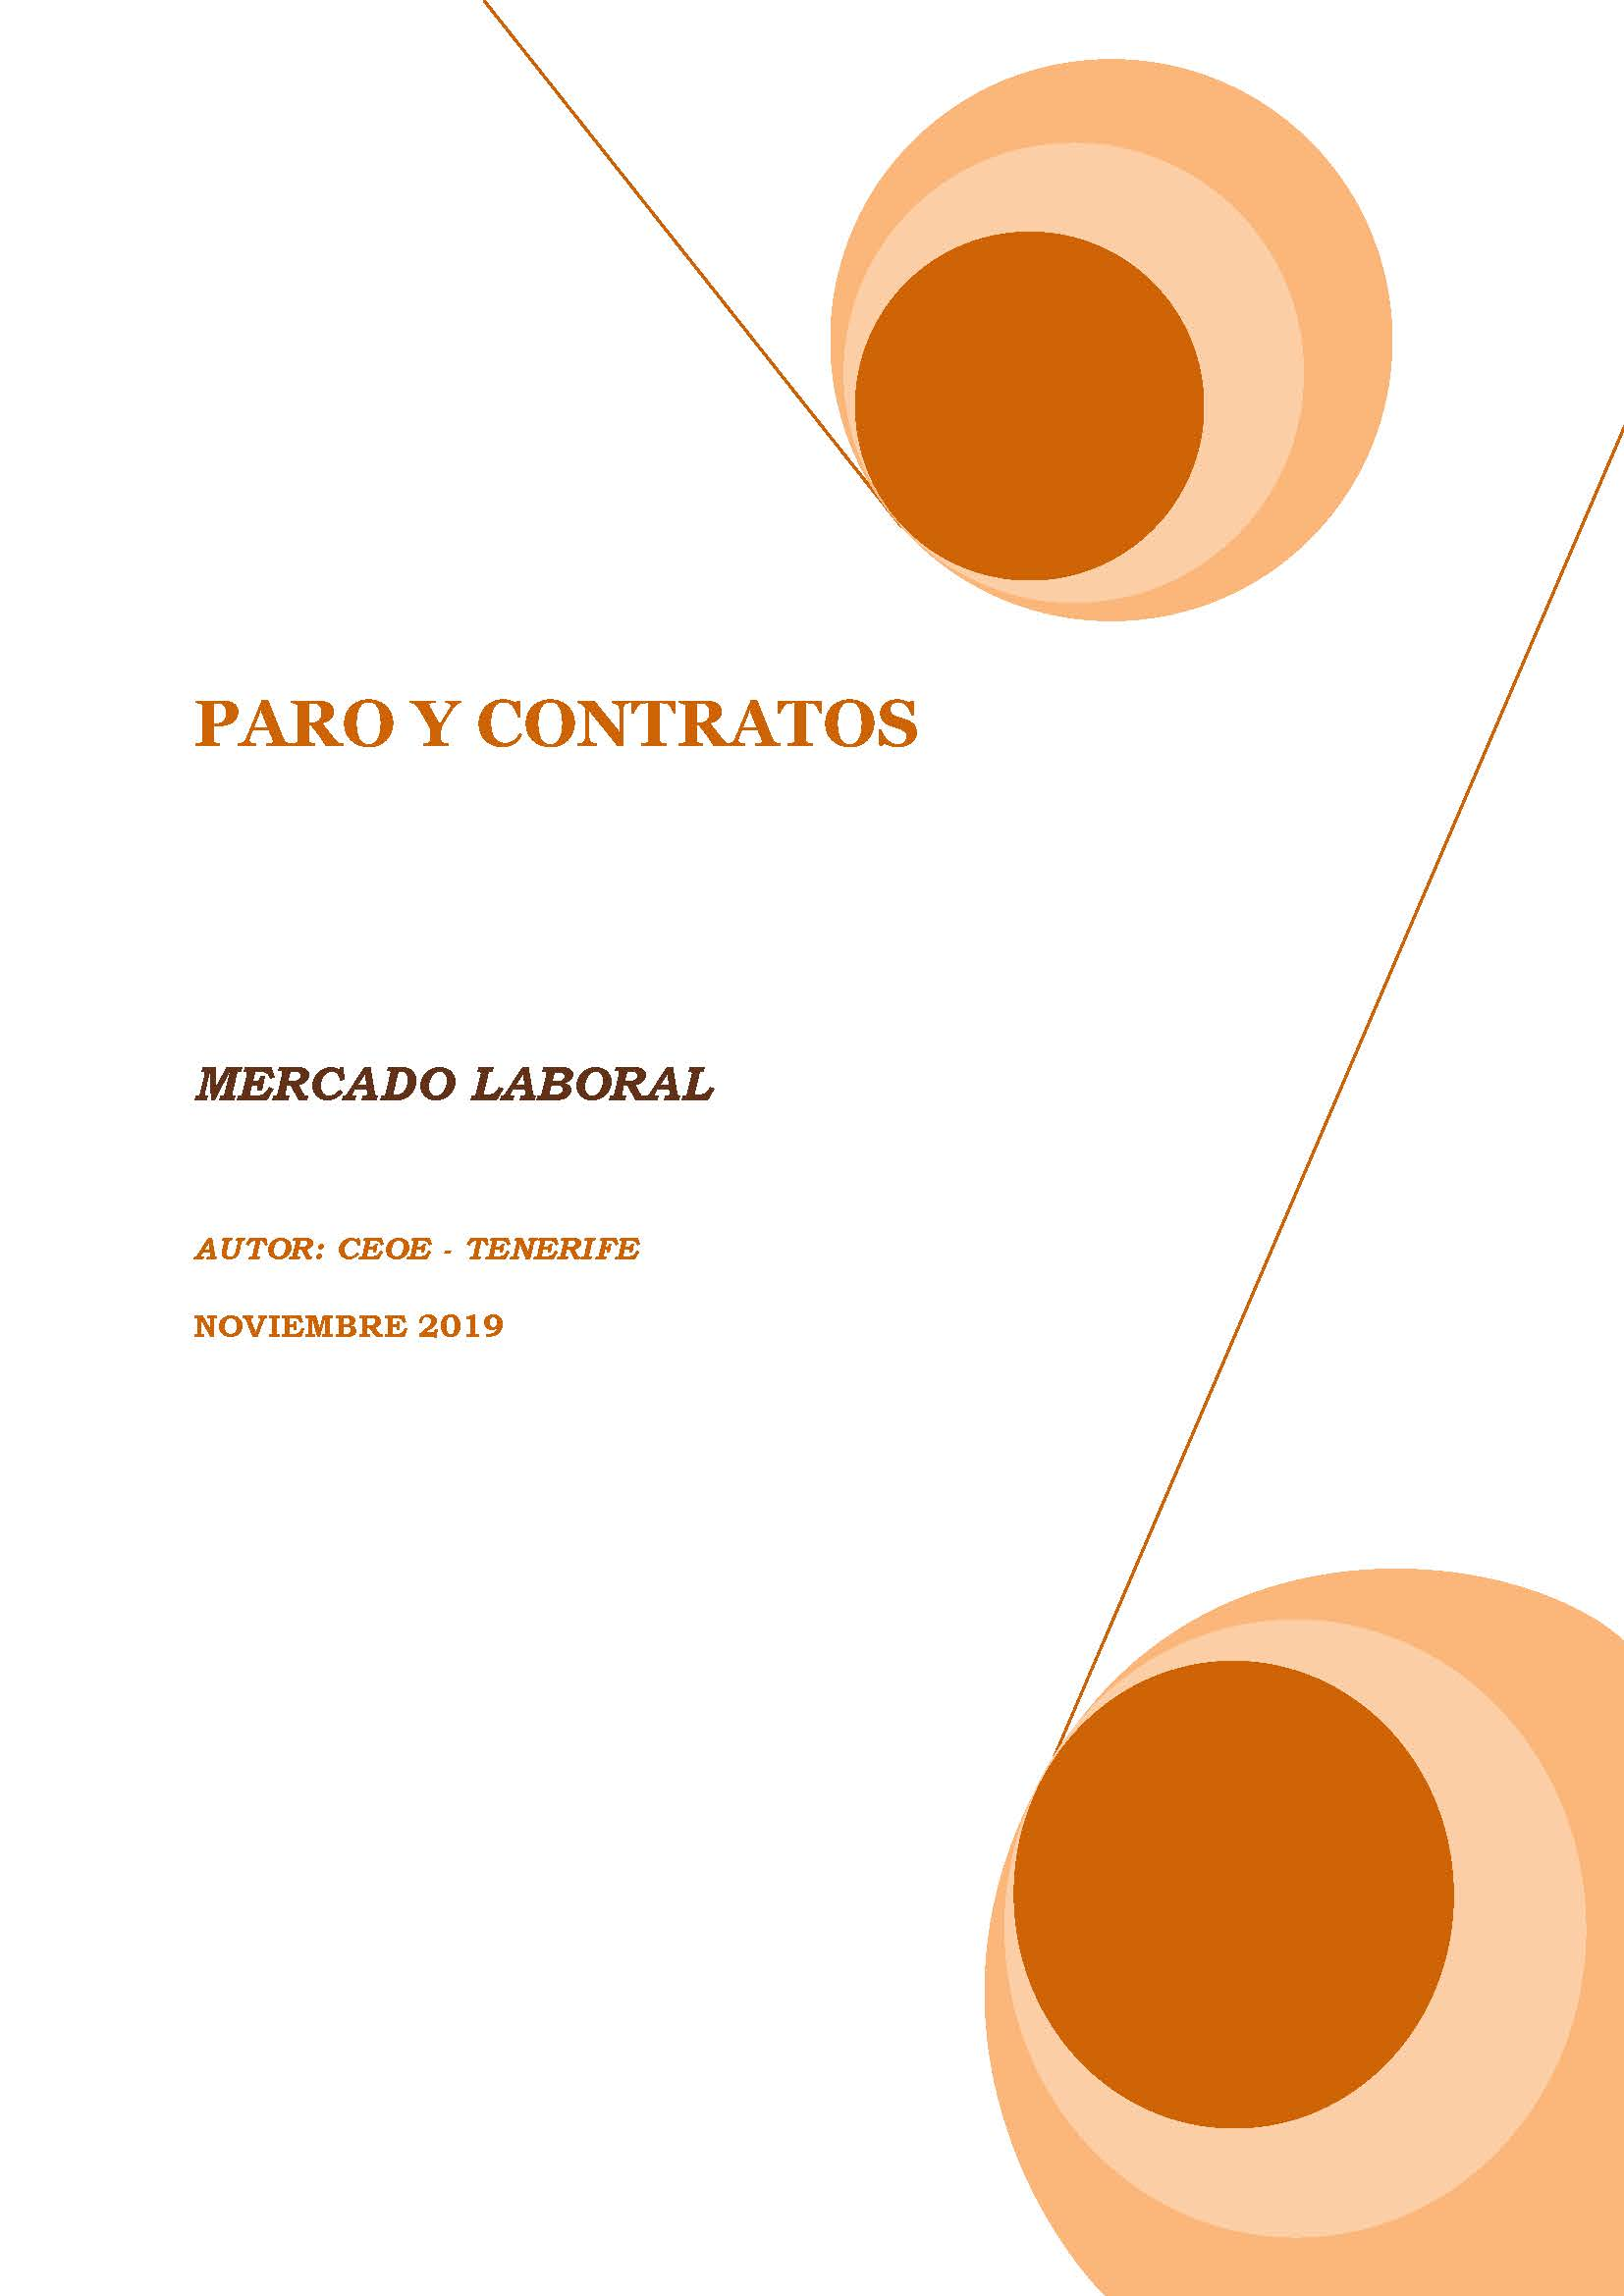 MERCADO LABORAL - PARO Y CONTRATOS NOVIEMBRE 2019